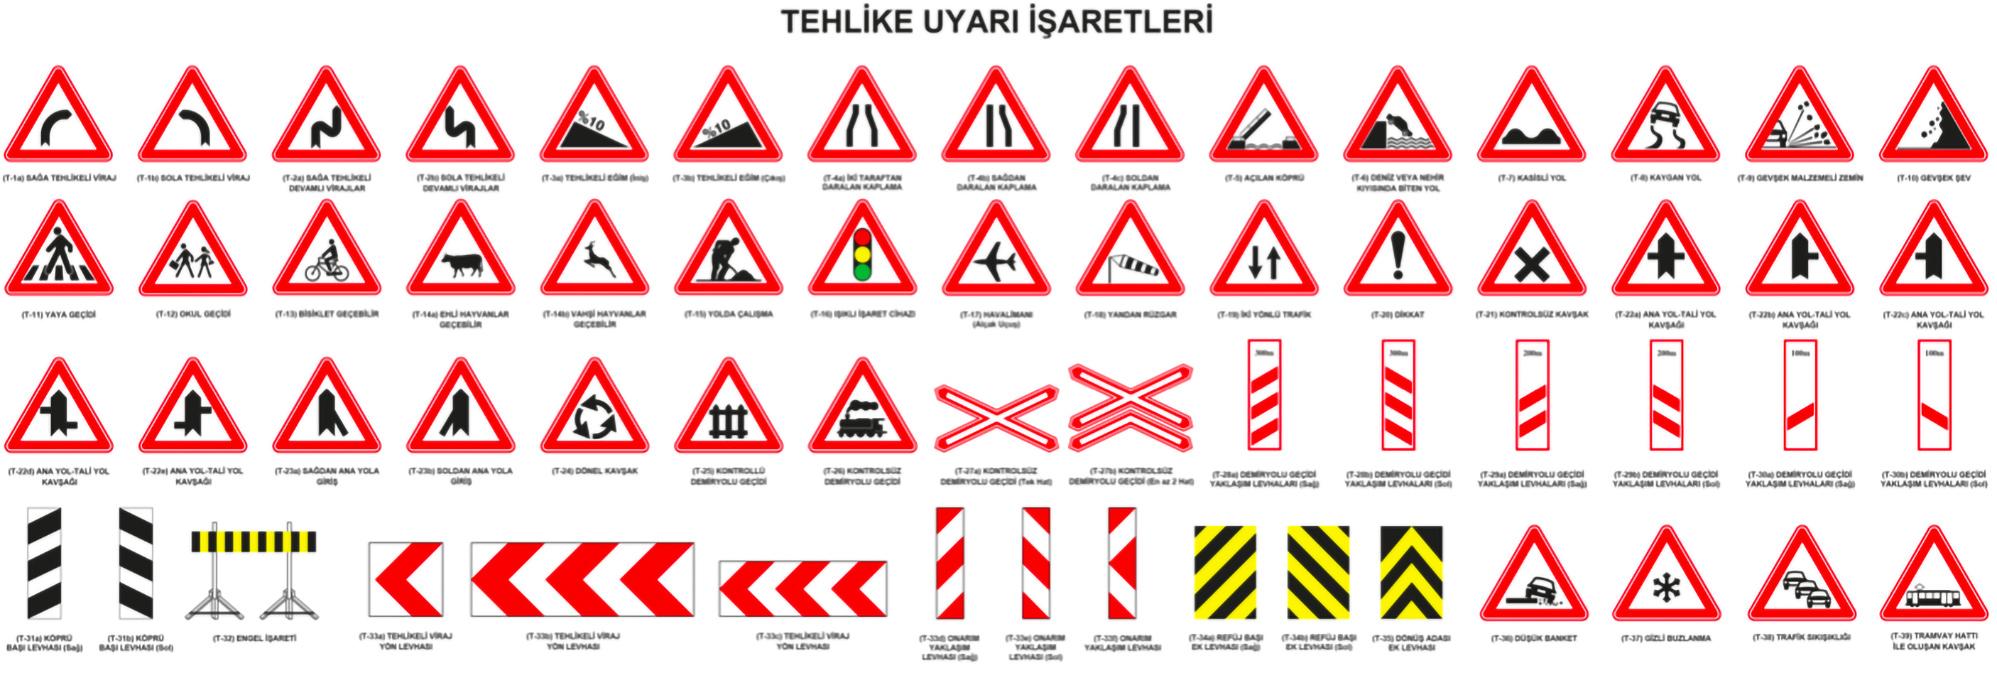 Güvenli Sürüş için Trafik Levha ve Anlamları 1997x1005 01 Levha